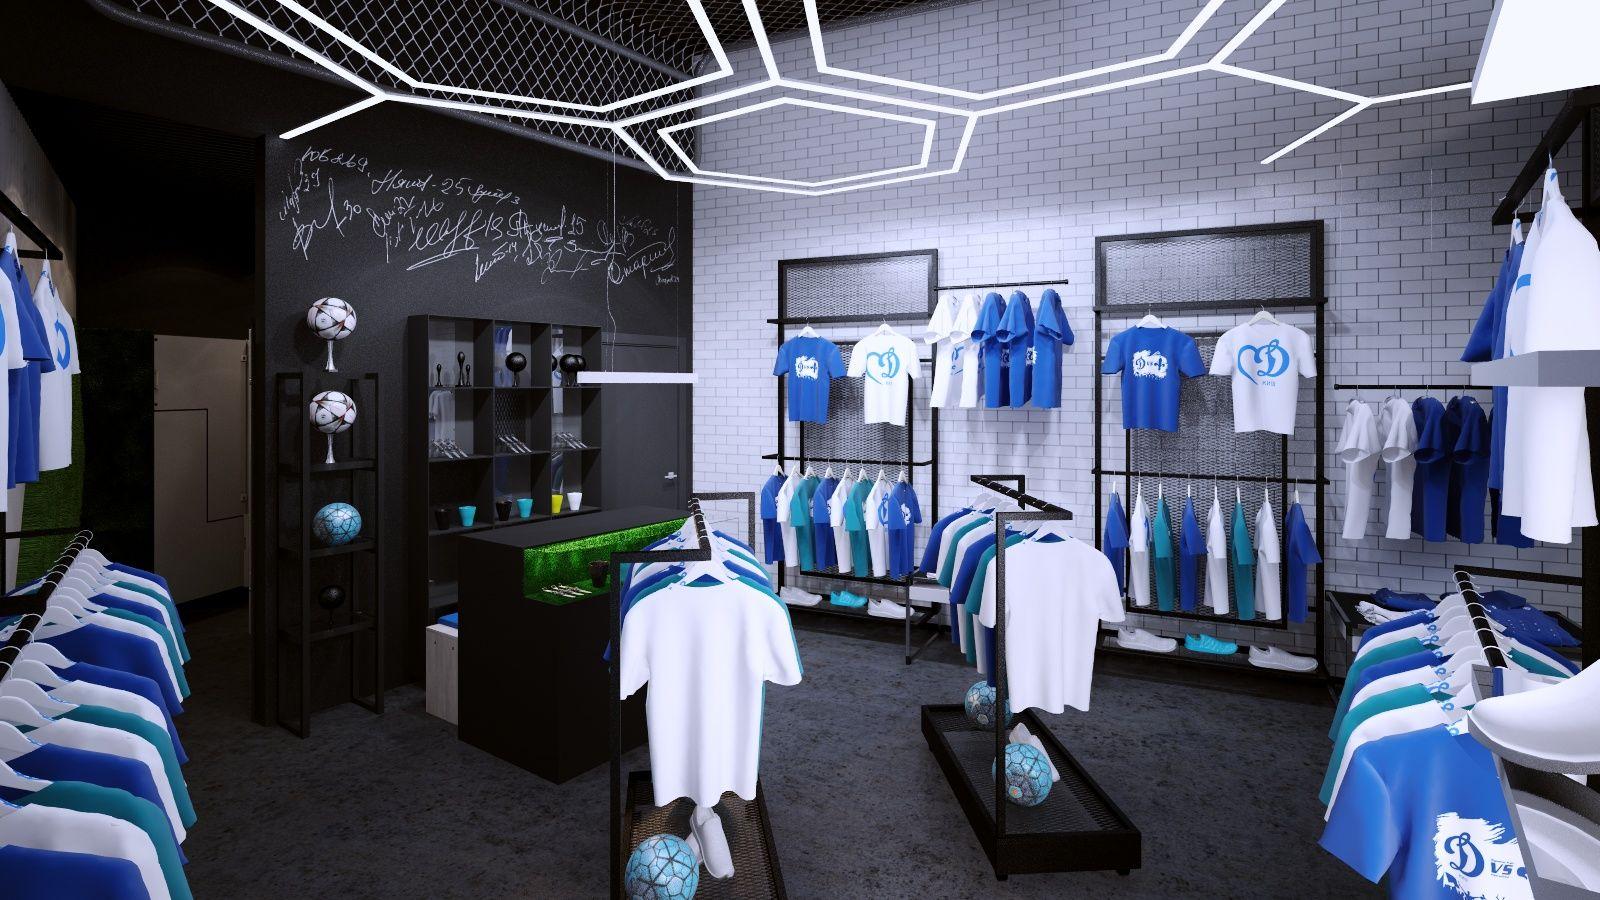 Дизайн интерьера магазинов: 8 секретов повышения продаж